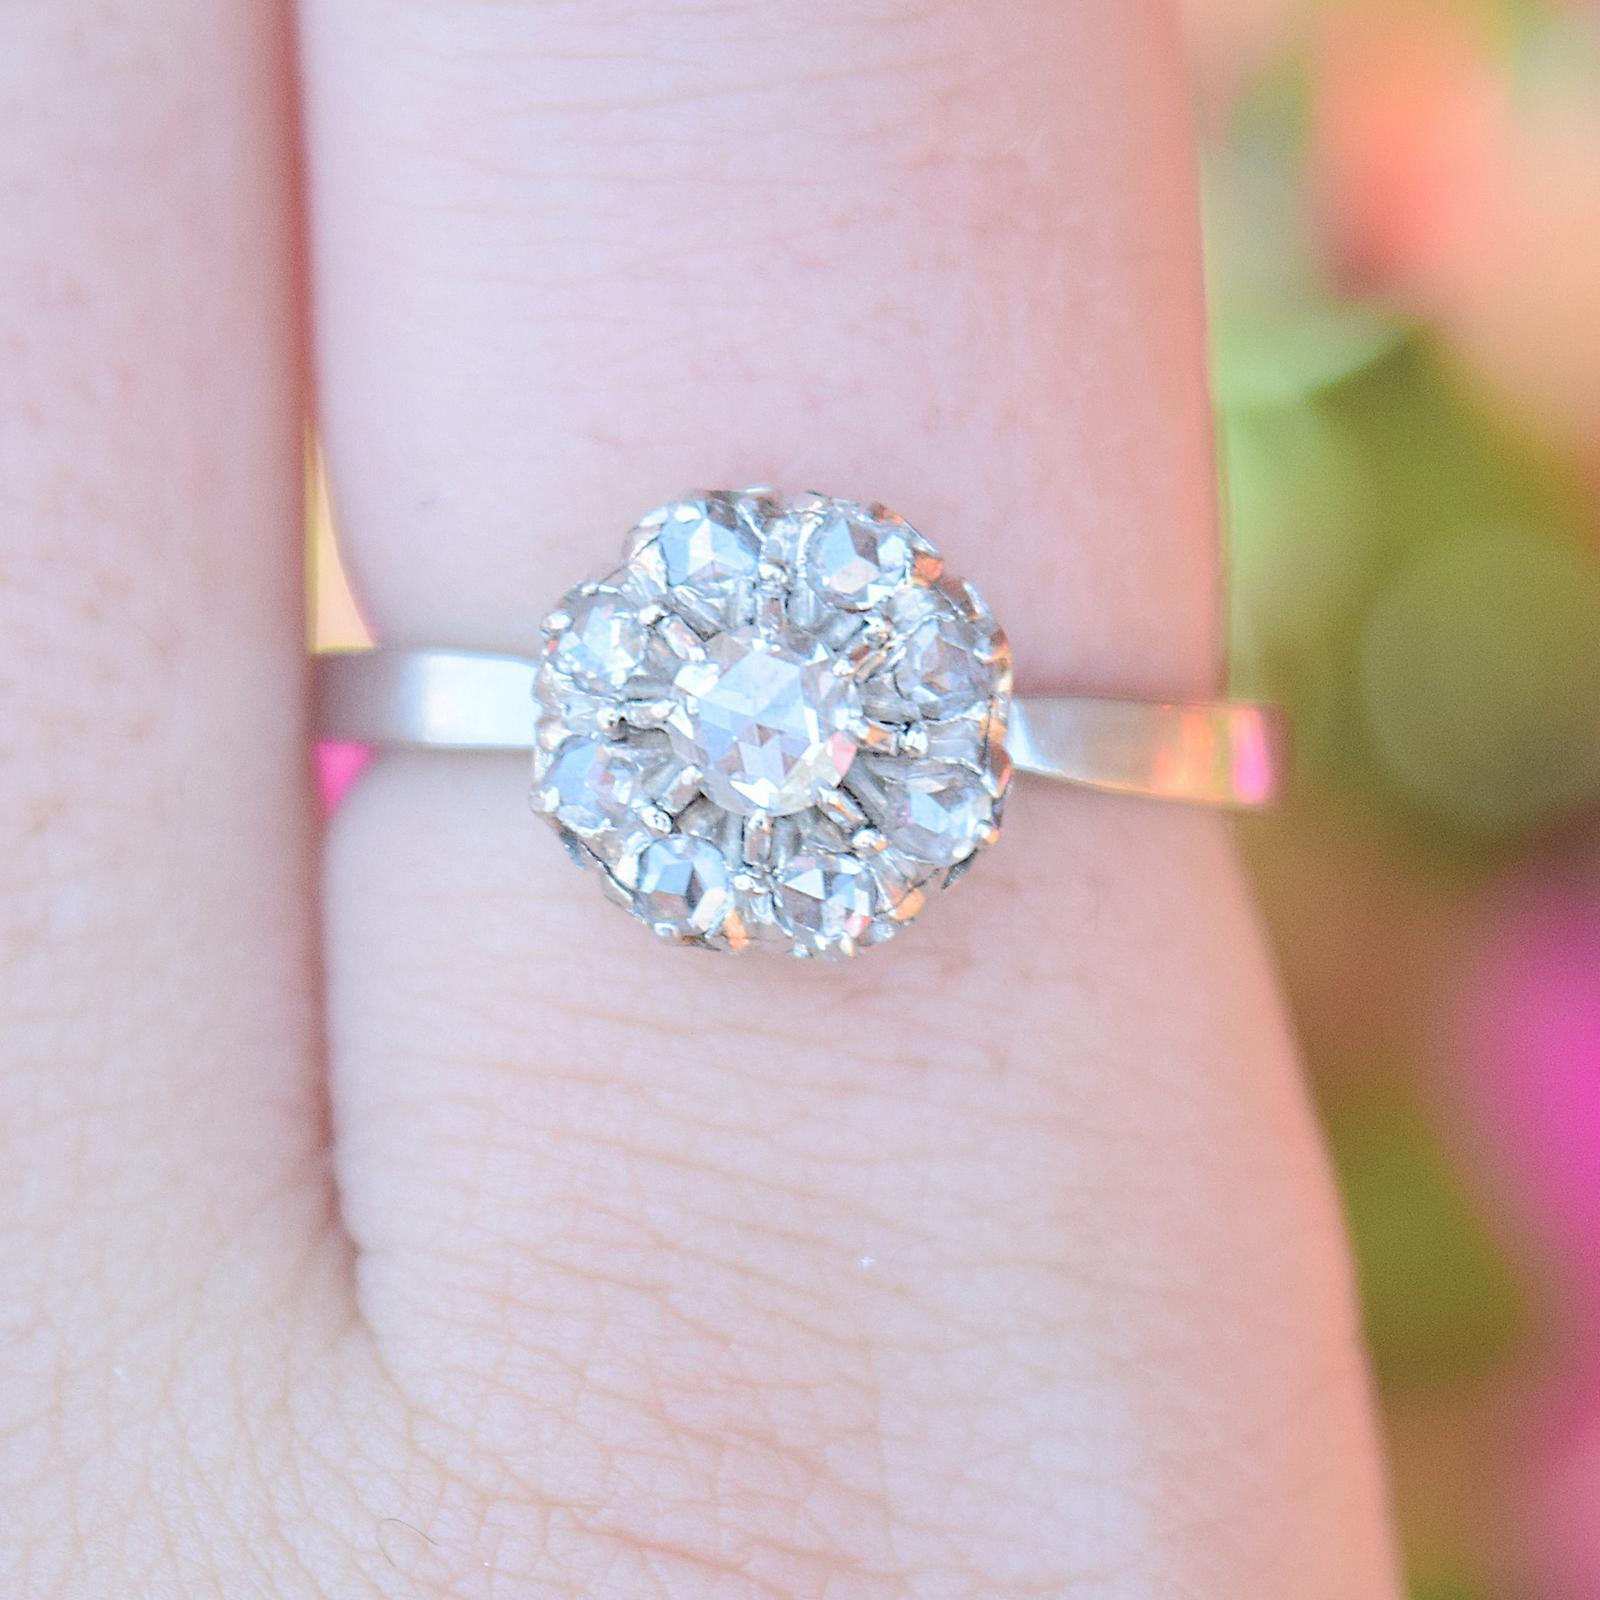 טבעת קלסטר עתיקה, זהב עם יהלומים.